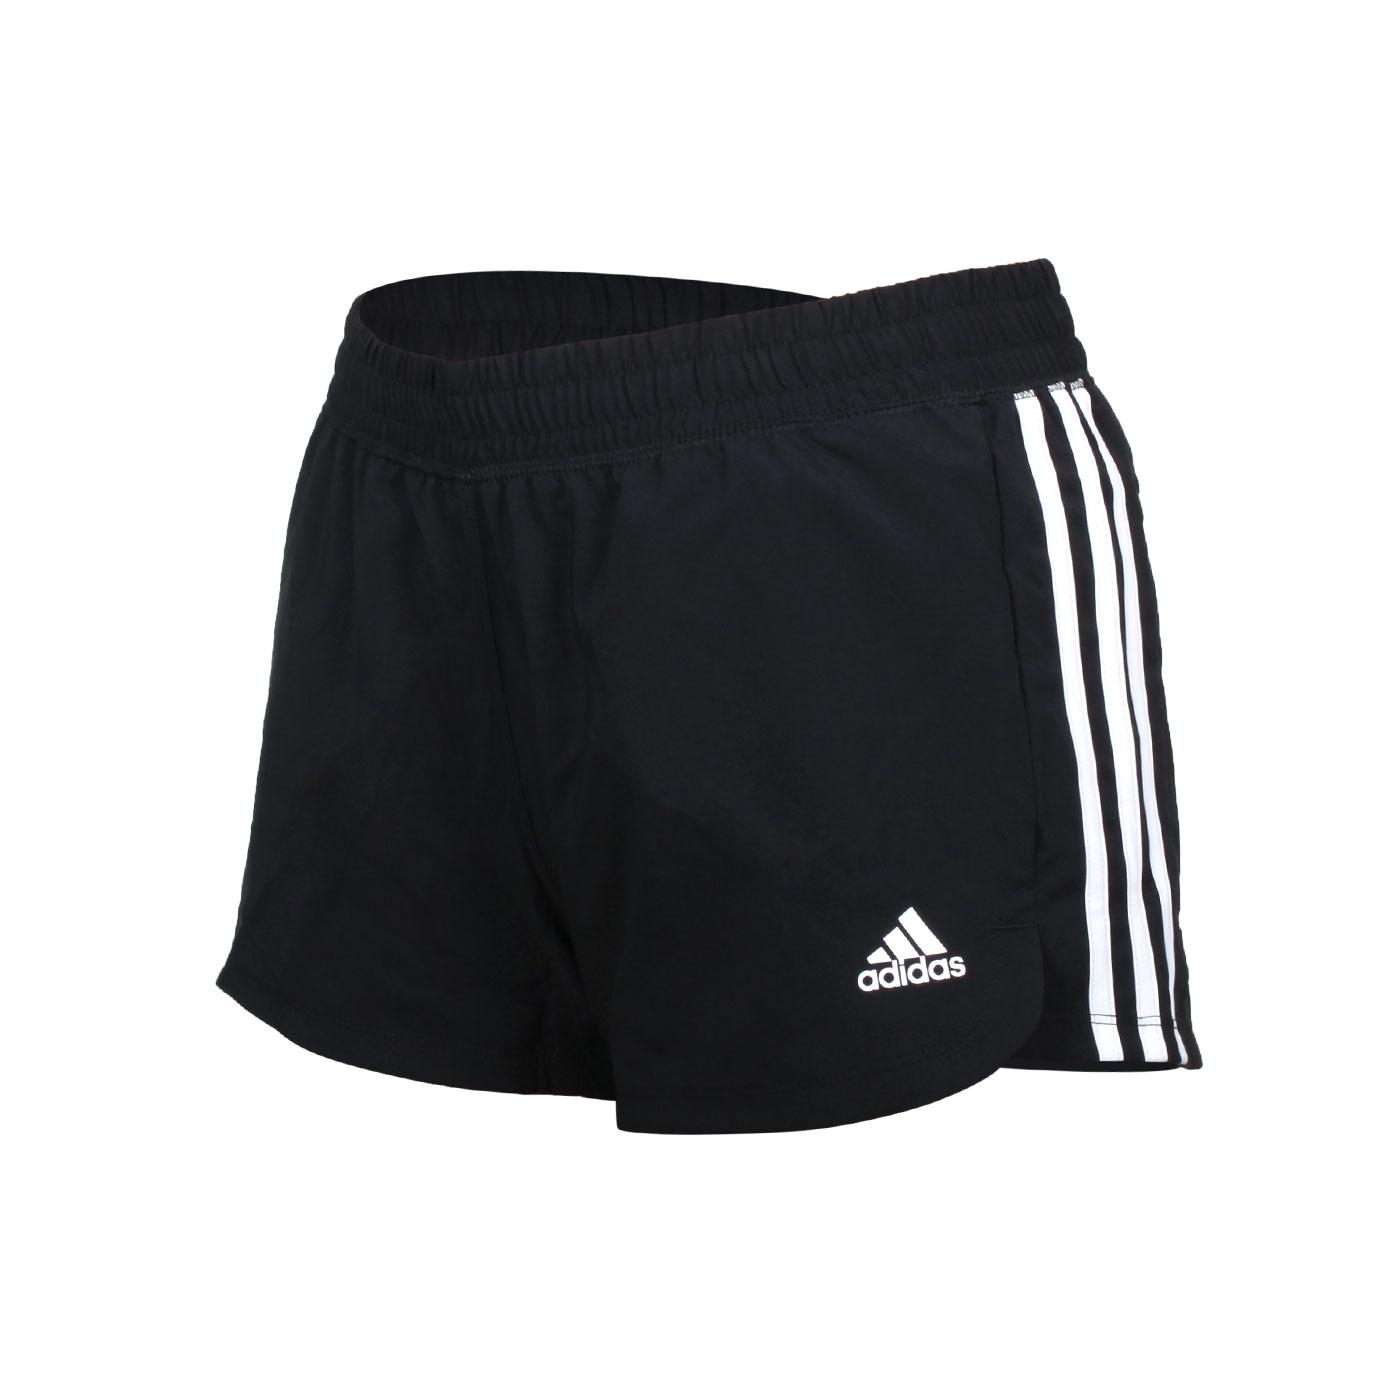 ADIDAS 女款運動短褲 GH8146 - 黑白